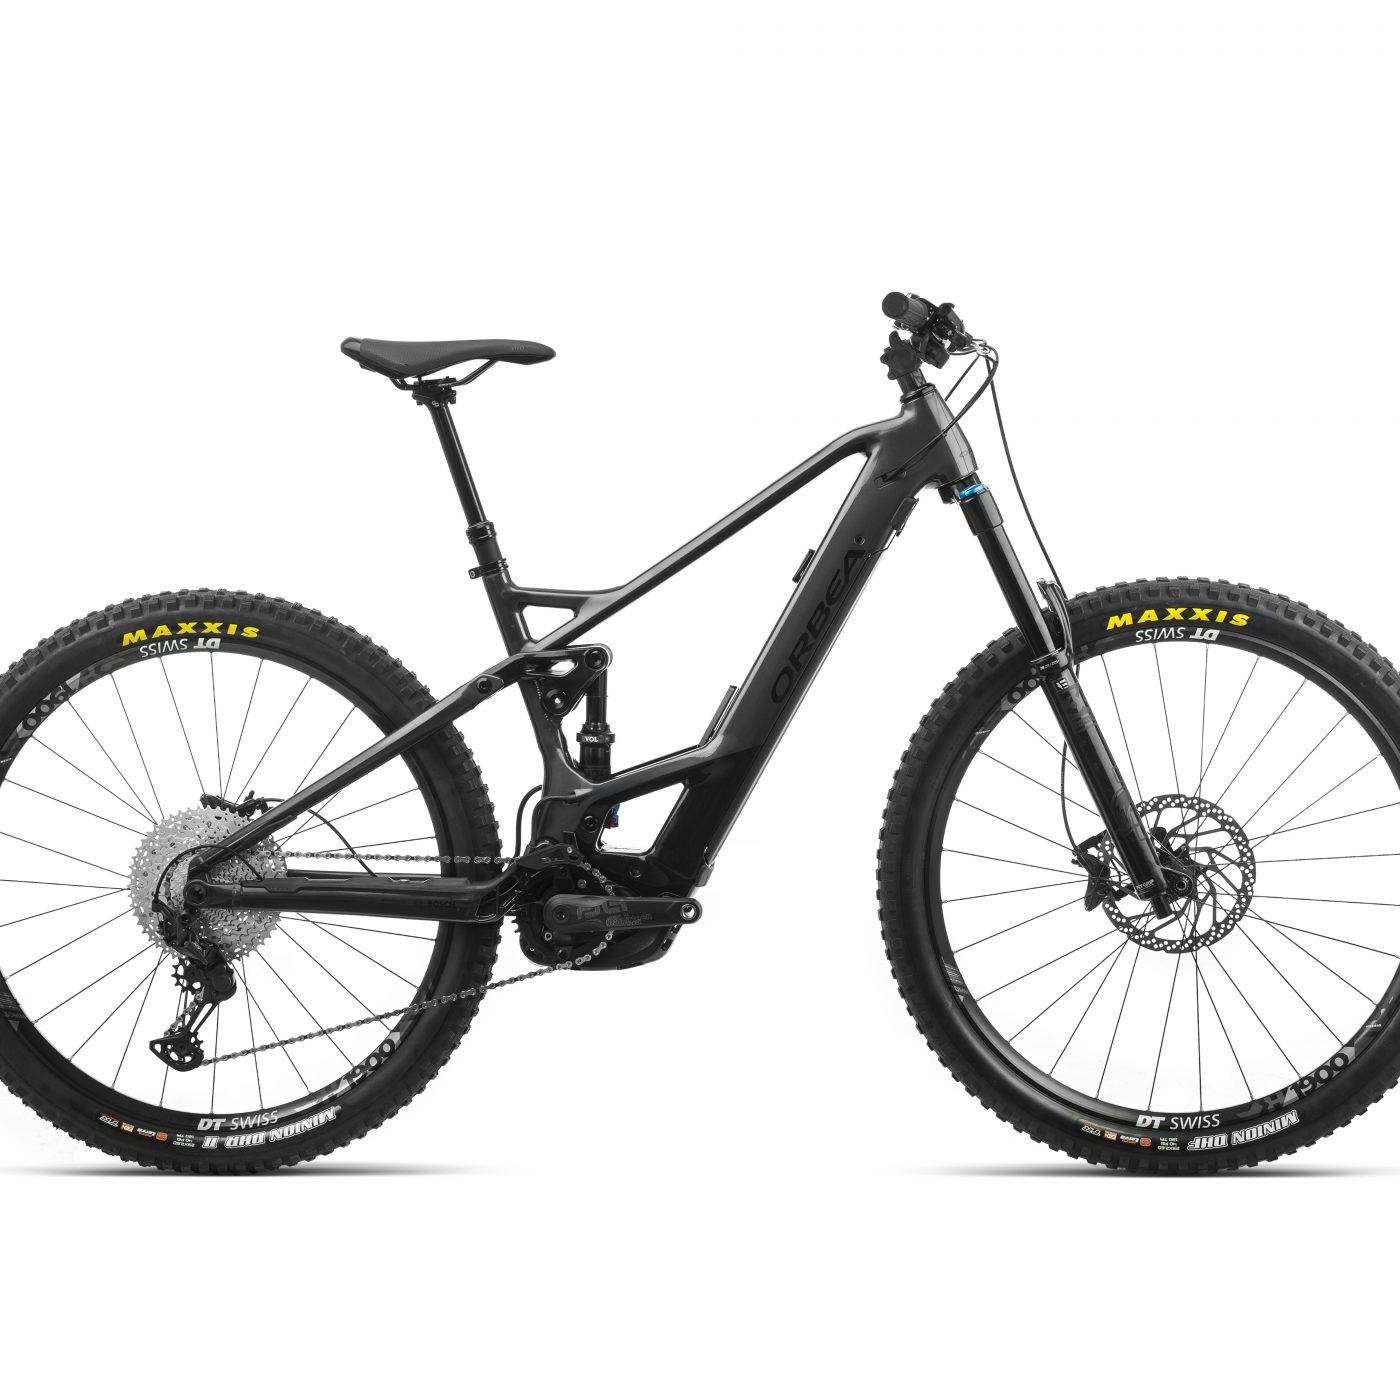 ORBEA WILD FS H15 eBike - GRAFIET / ZWART (GLOSS) @G-Bikes